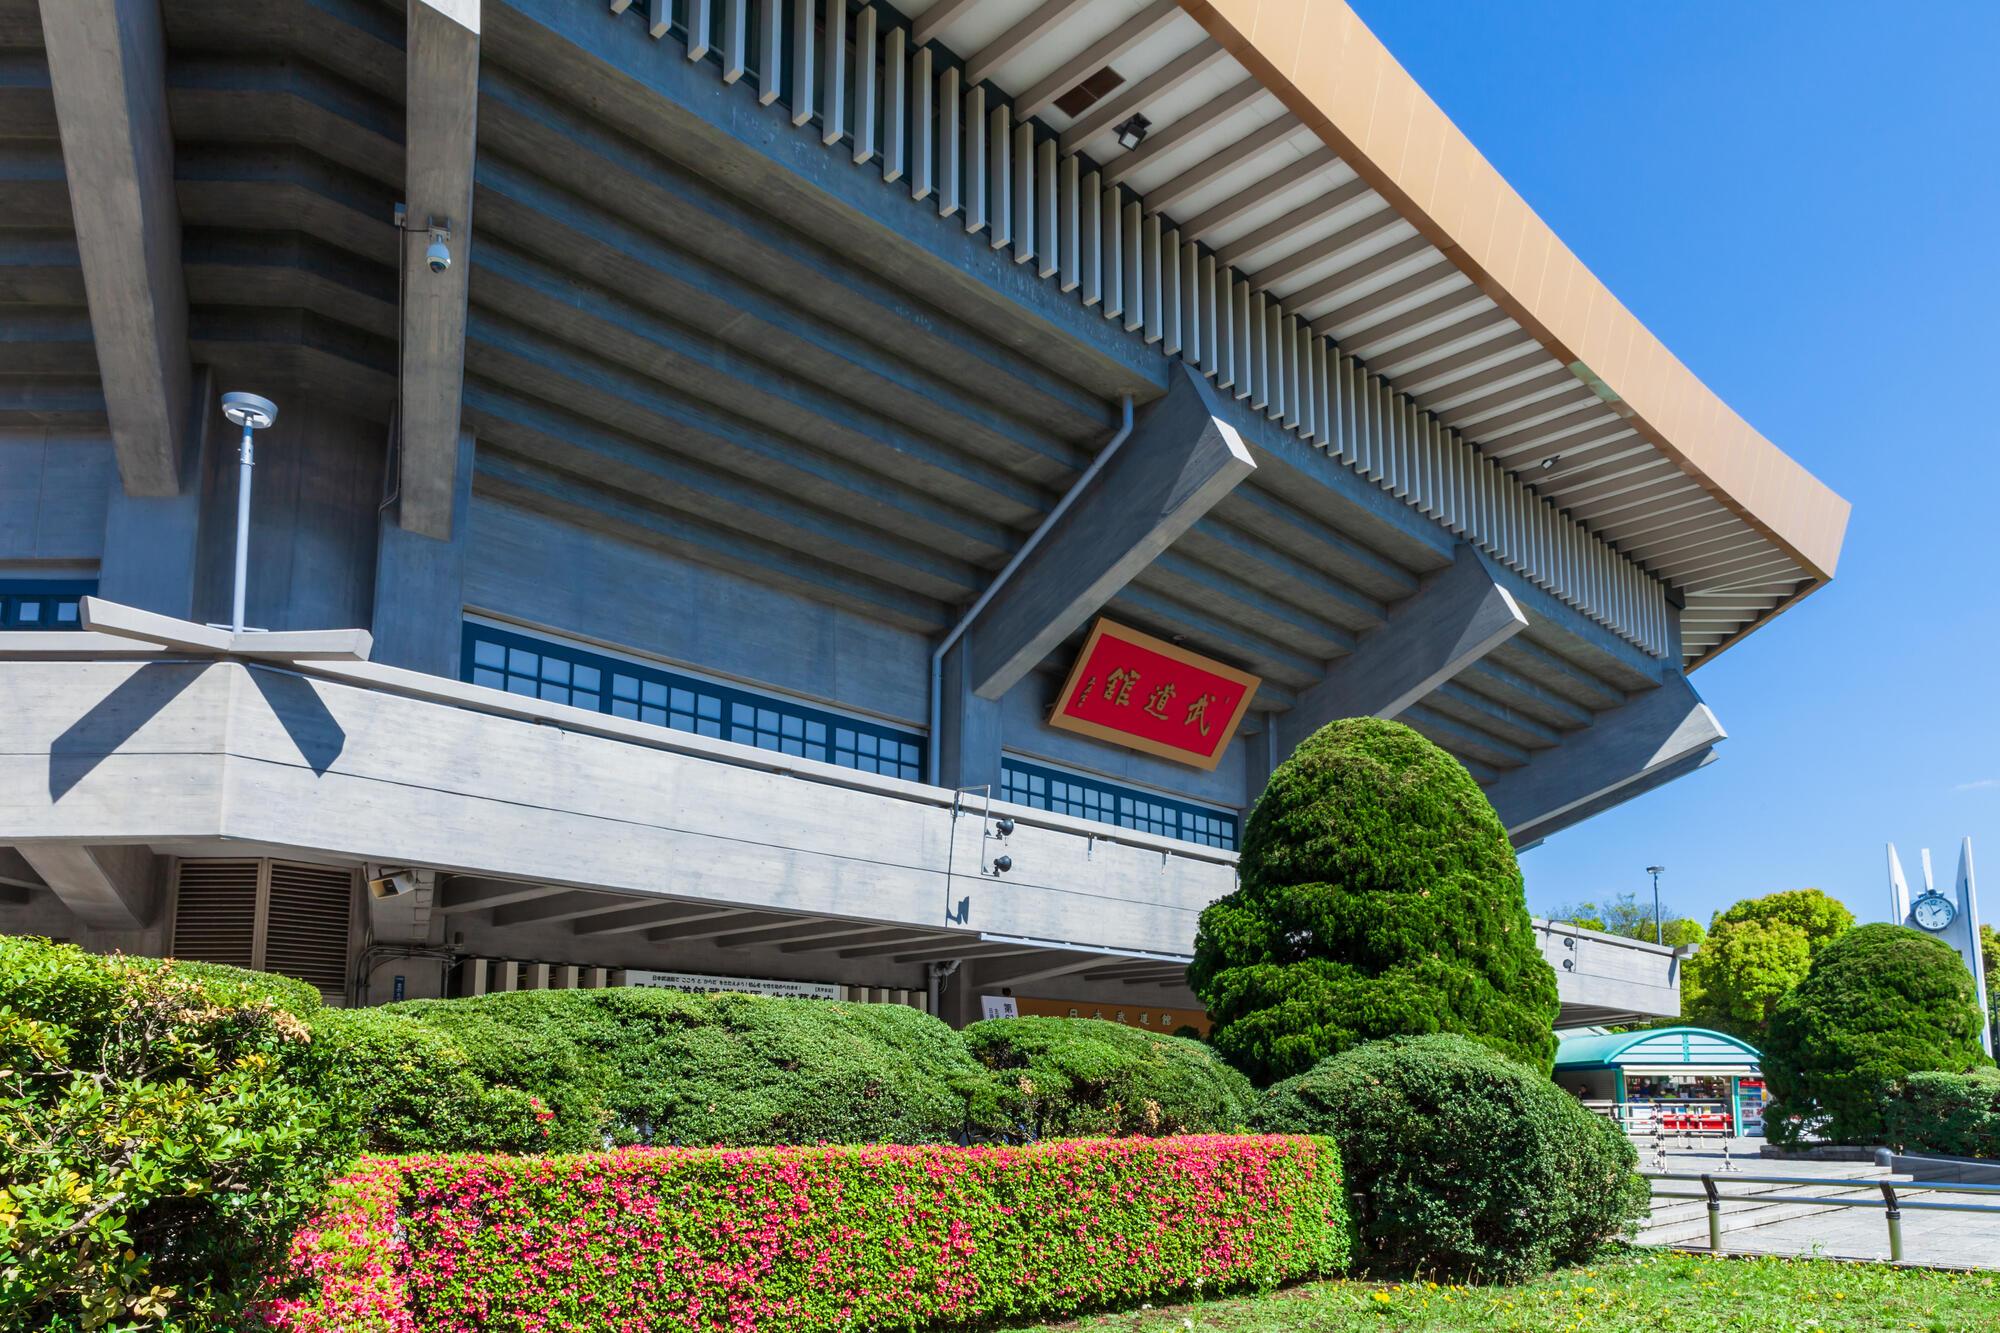 【日本武道館の歴史】SMAPが1日でこなした公演数がすごい! 矢沢永吉ライブ音源もお届け